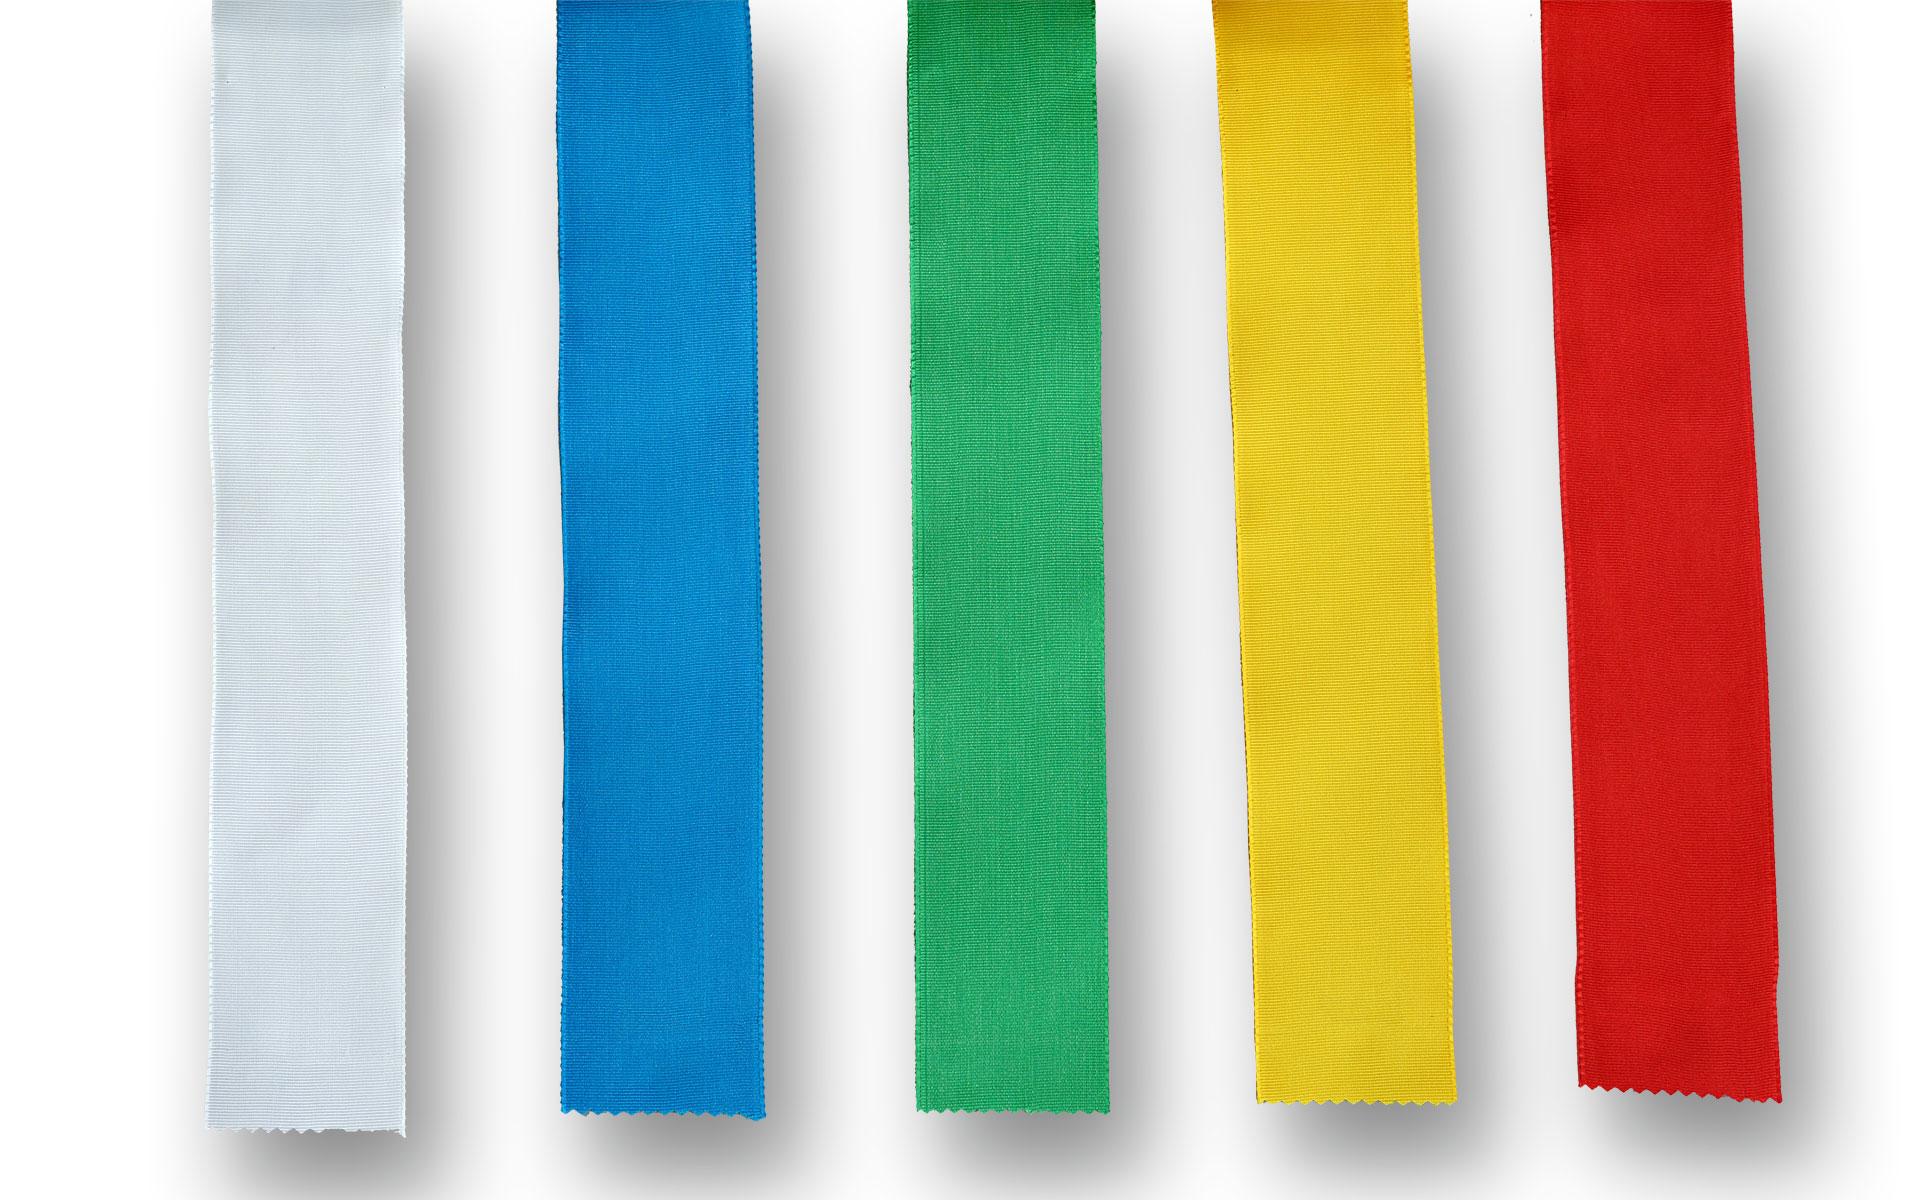 verschiedene Farben von Ripsband zur Dekoration